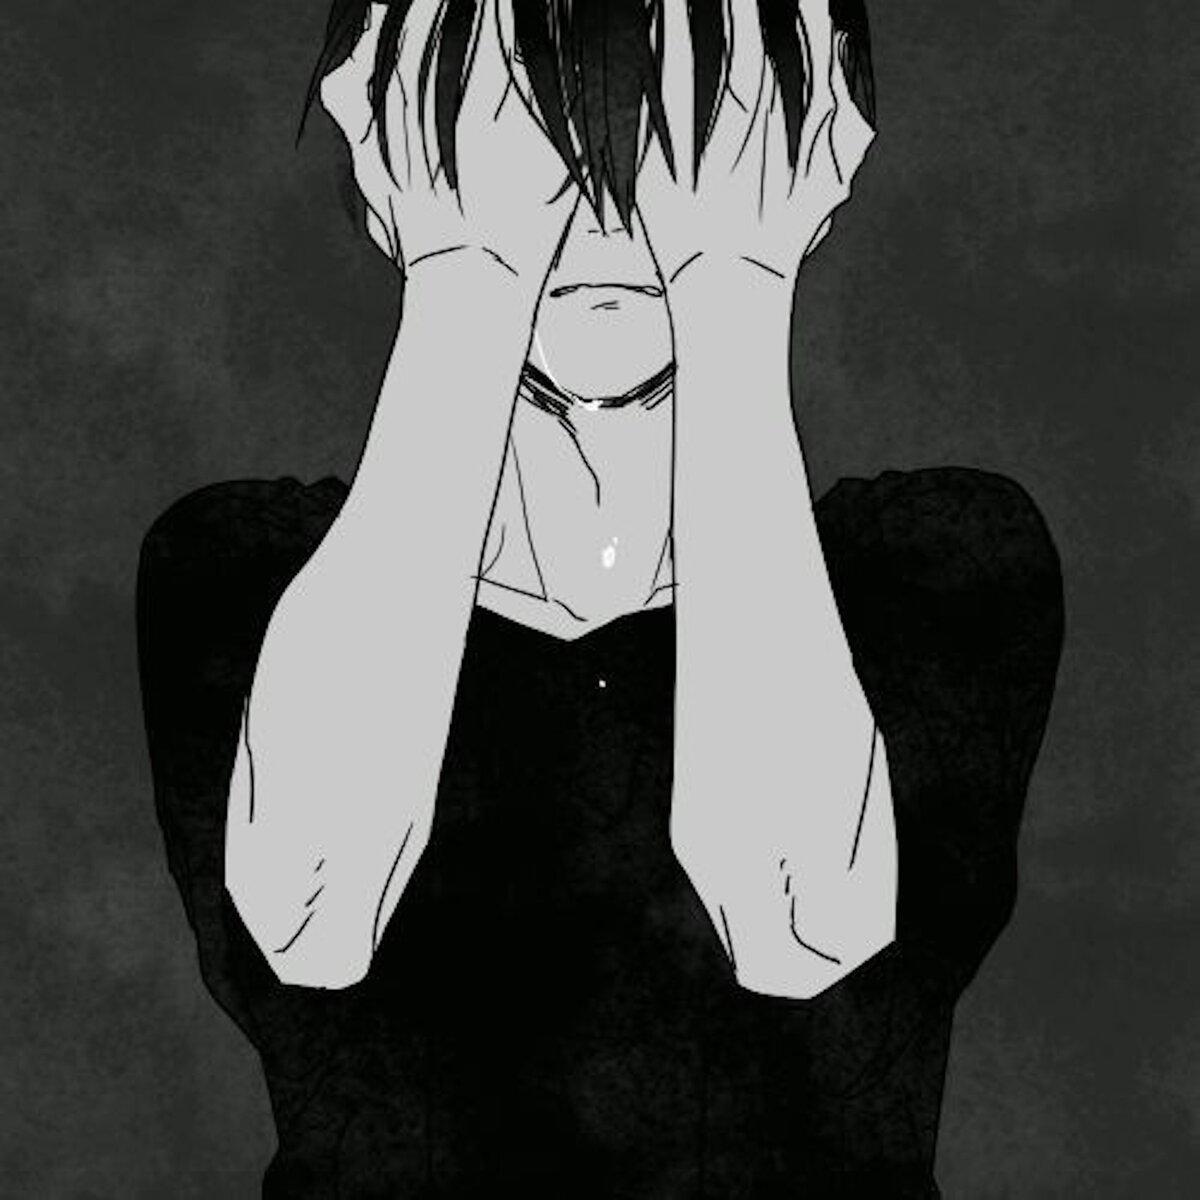 Грустные депрессивные картинки на аву